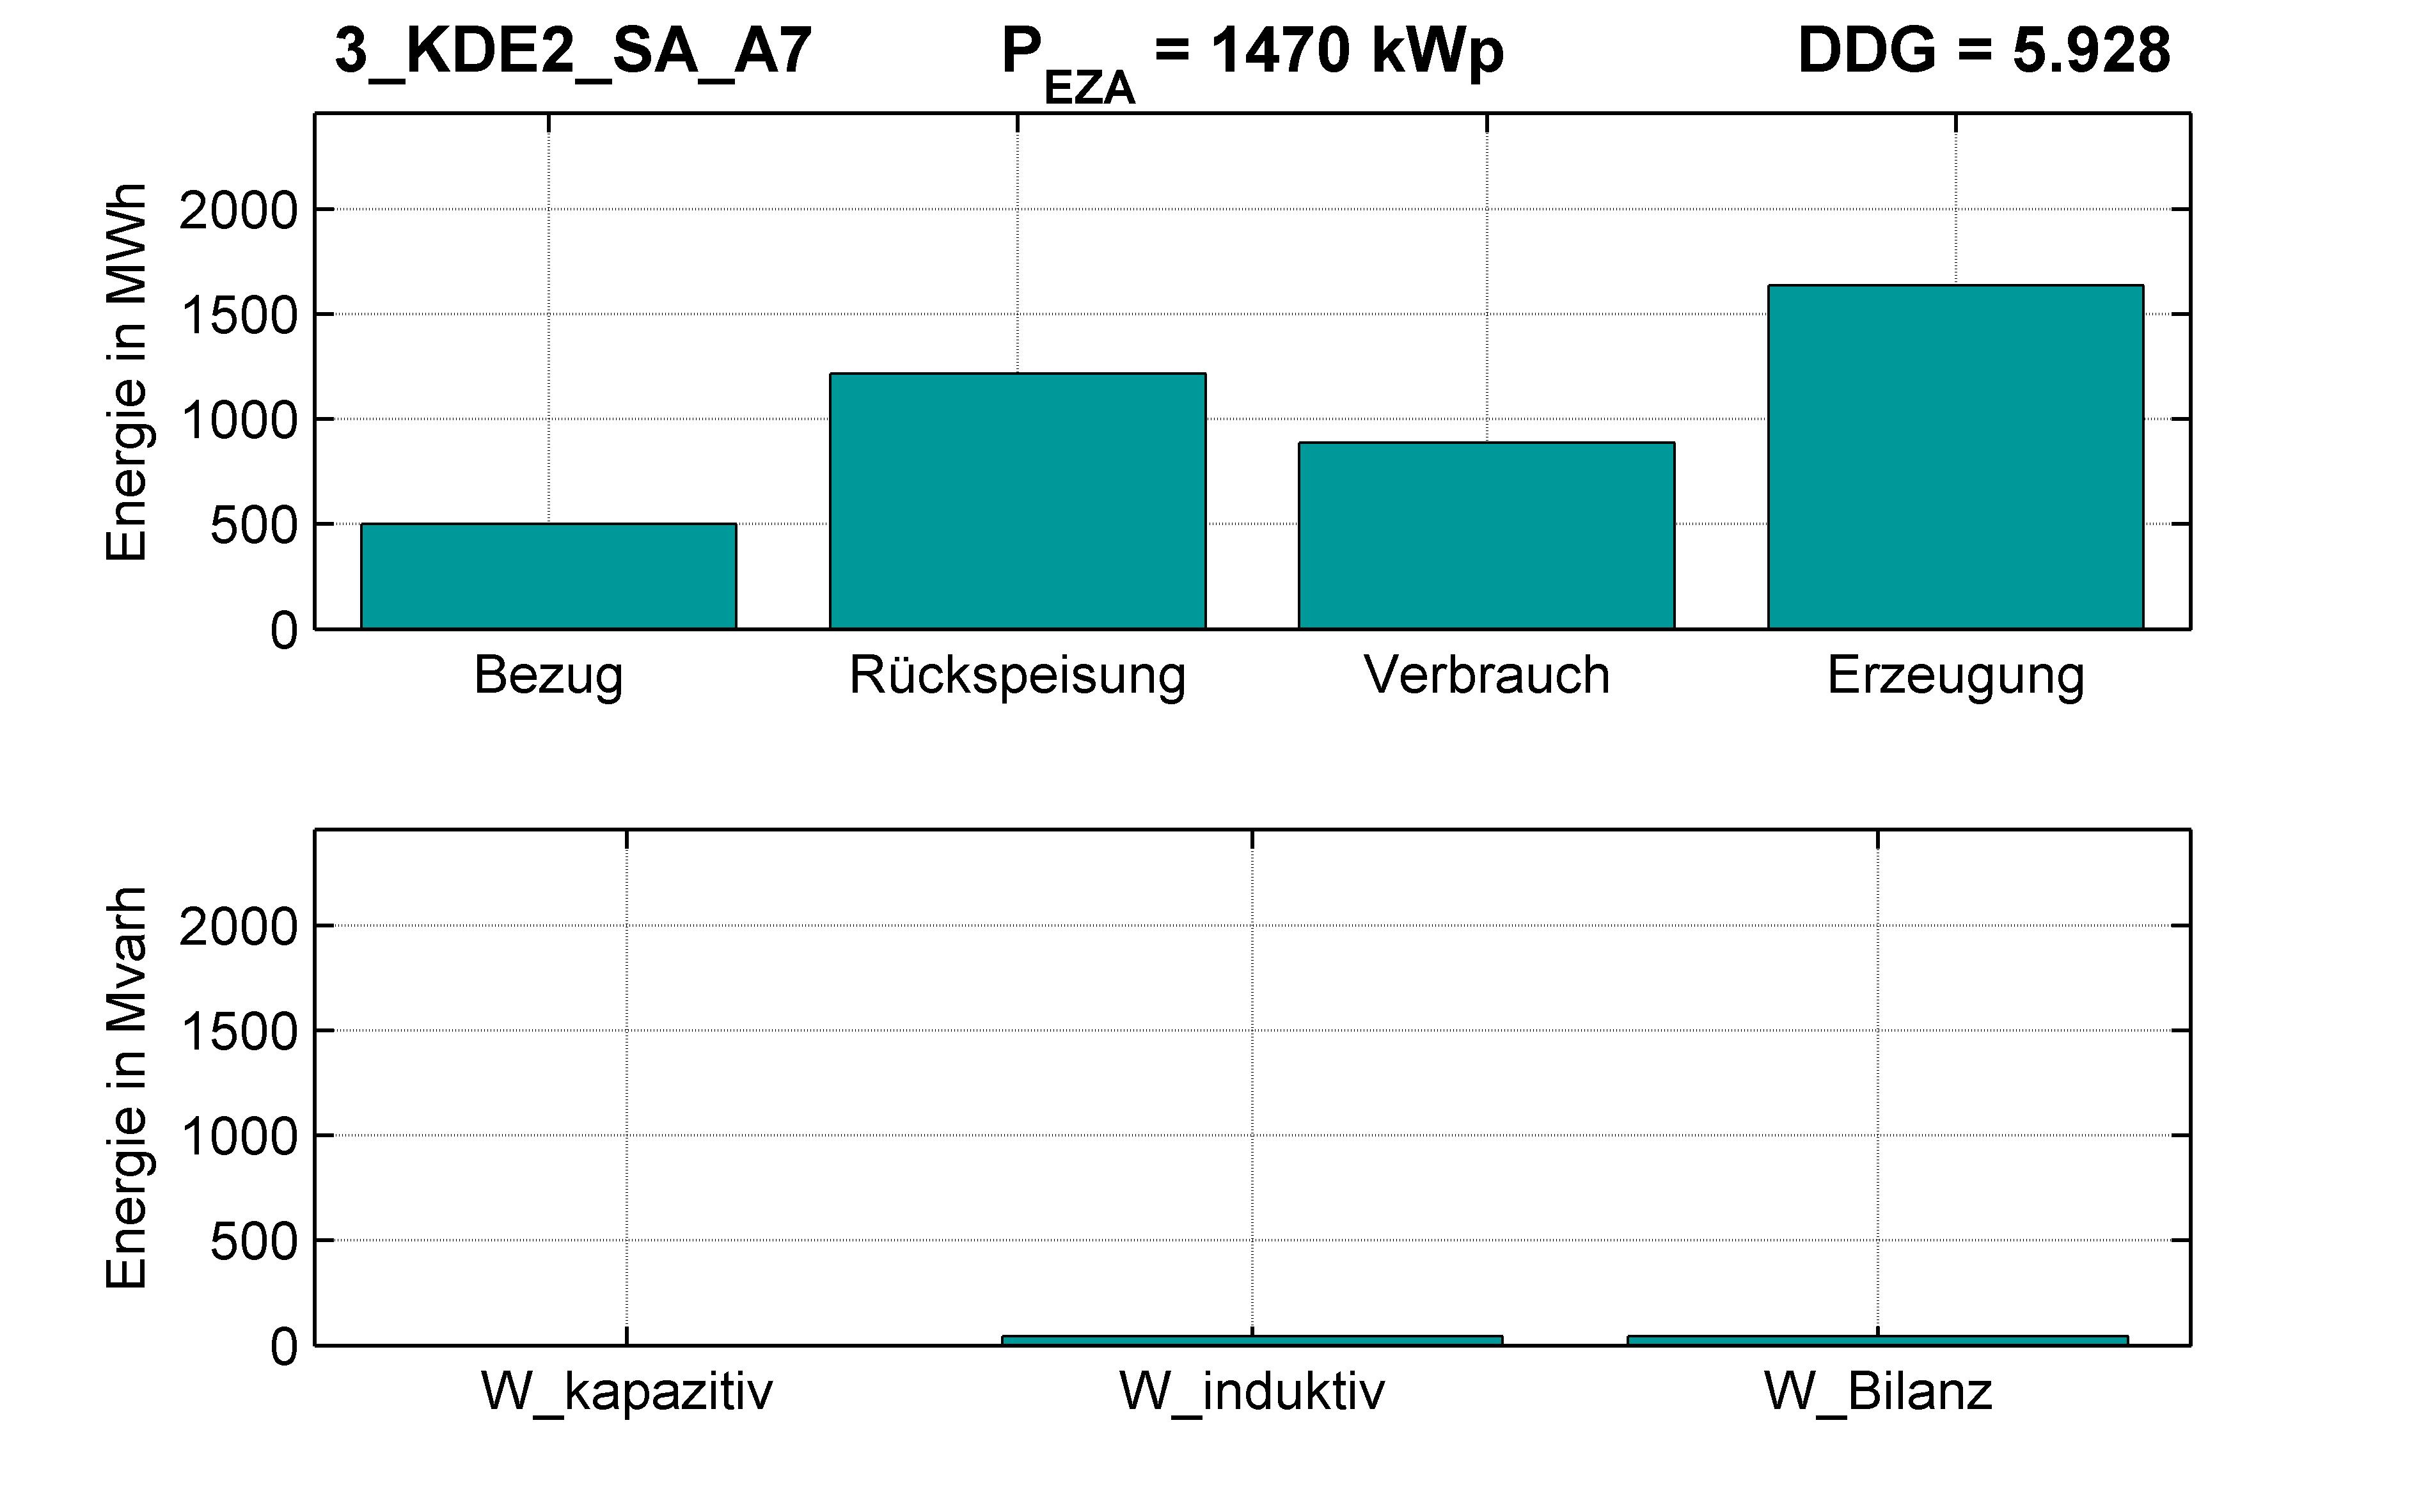 KDE2 | P-Kappung 70% (SA) A7 | PQ-Bilanz